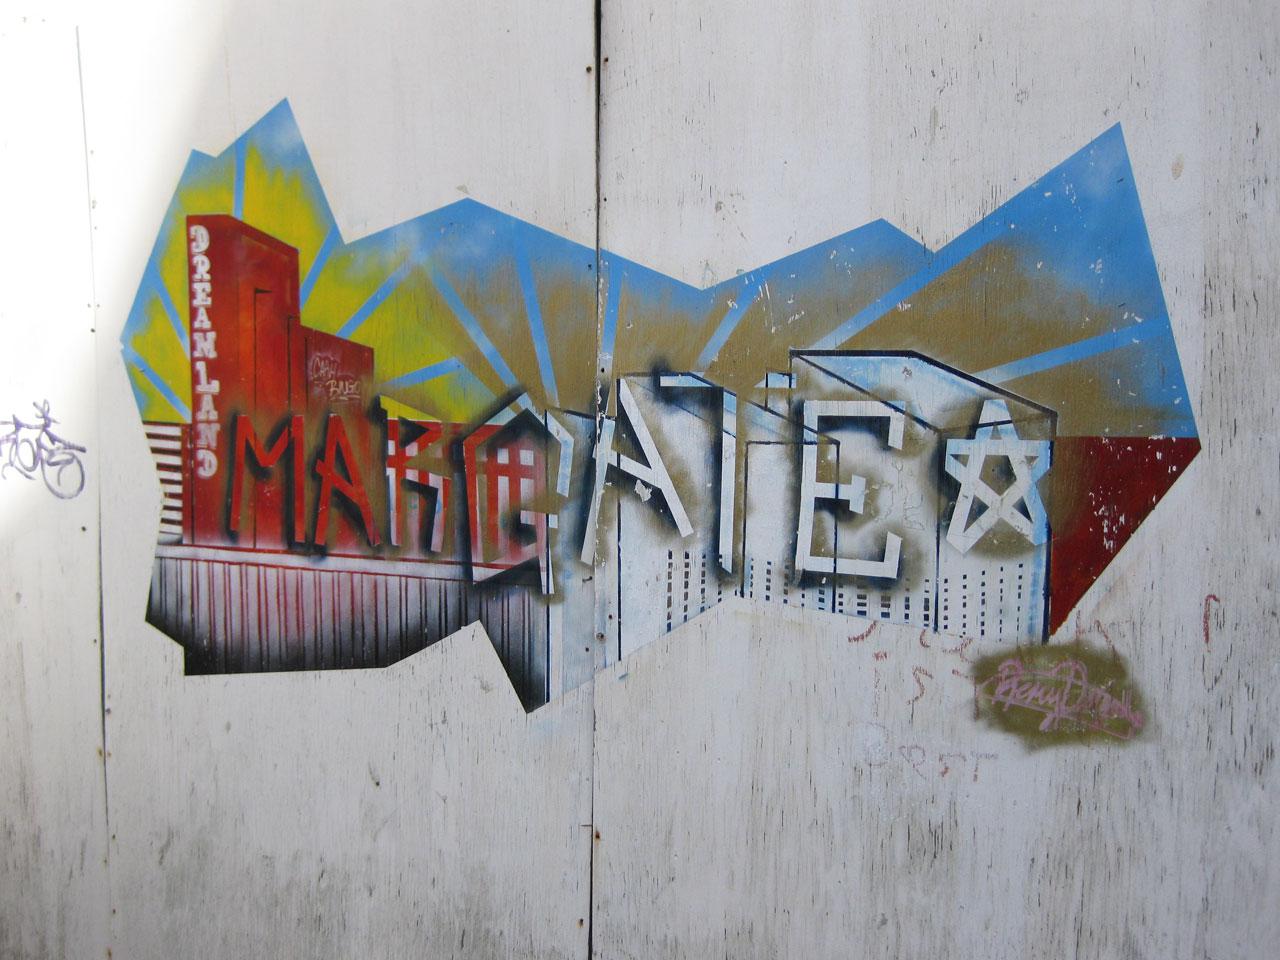 Graffiti in Margate, Kent